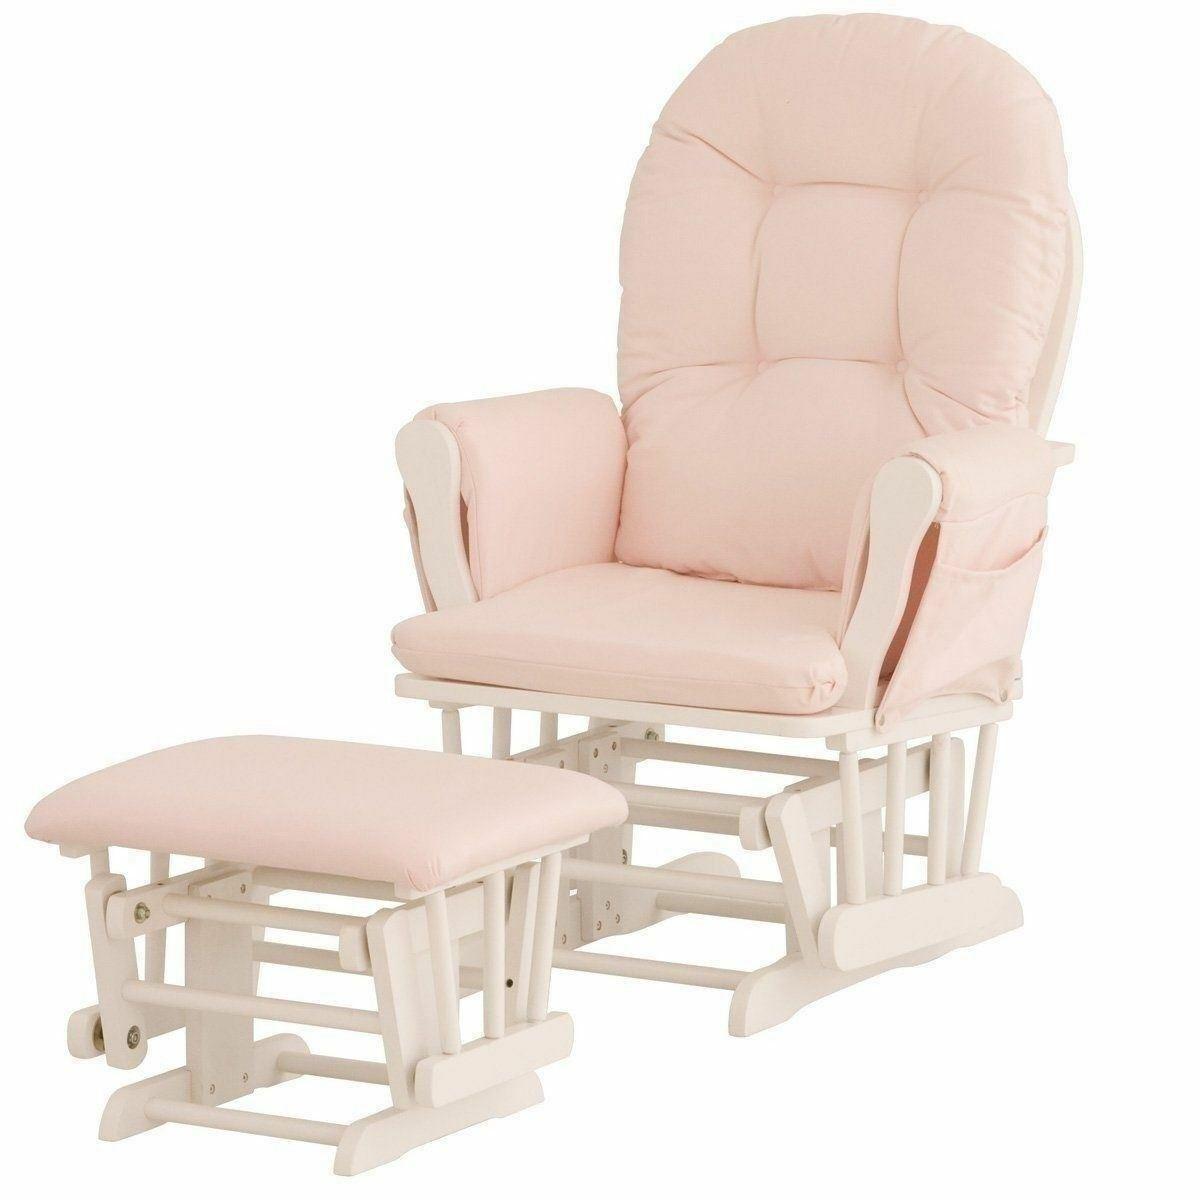 Nursery Glider Ottoman Set White Wooden Frame Pink